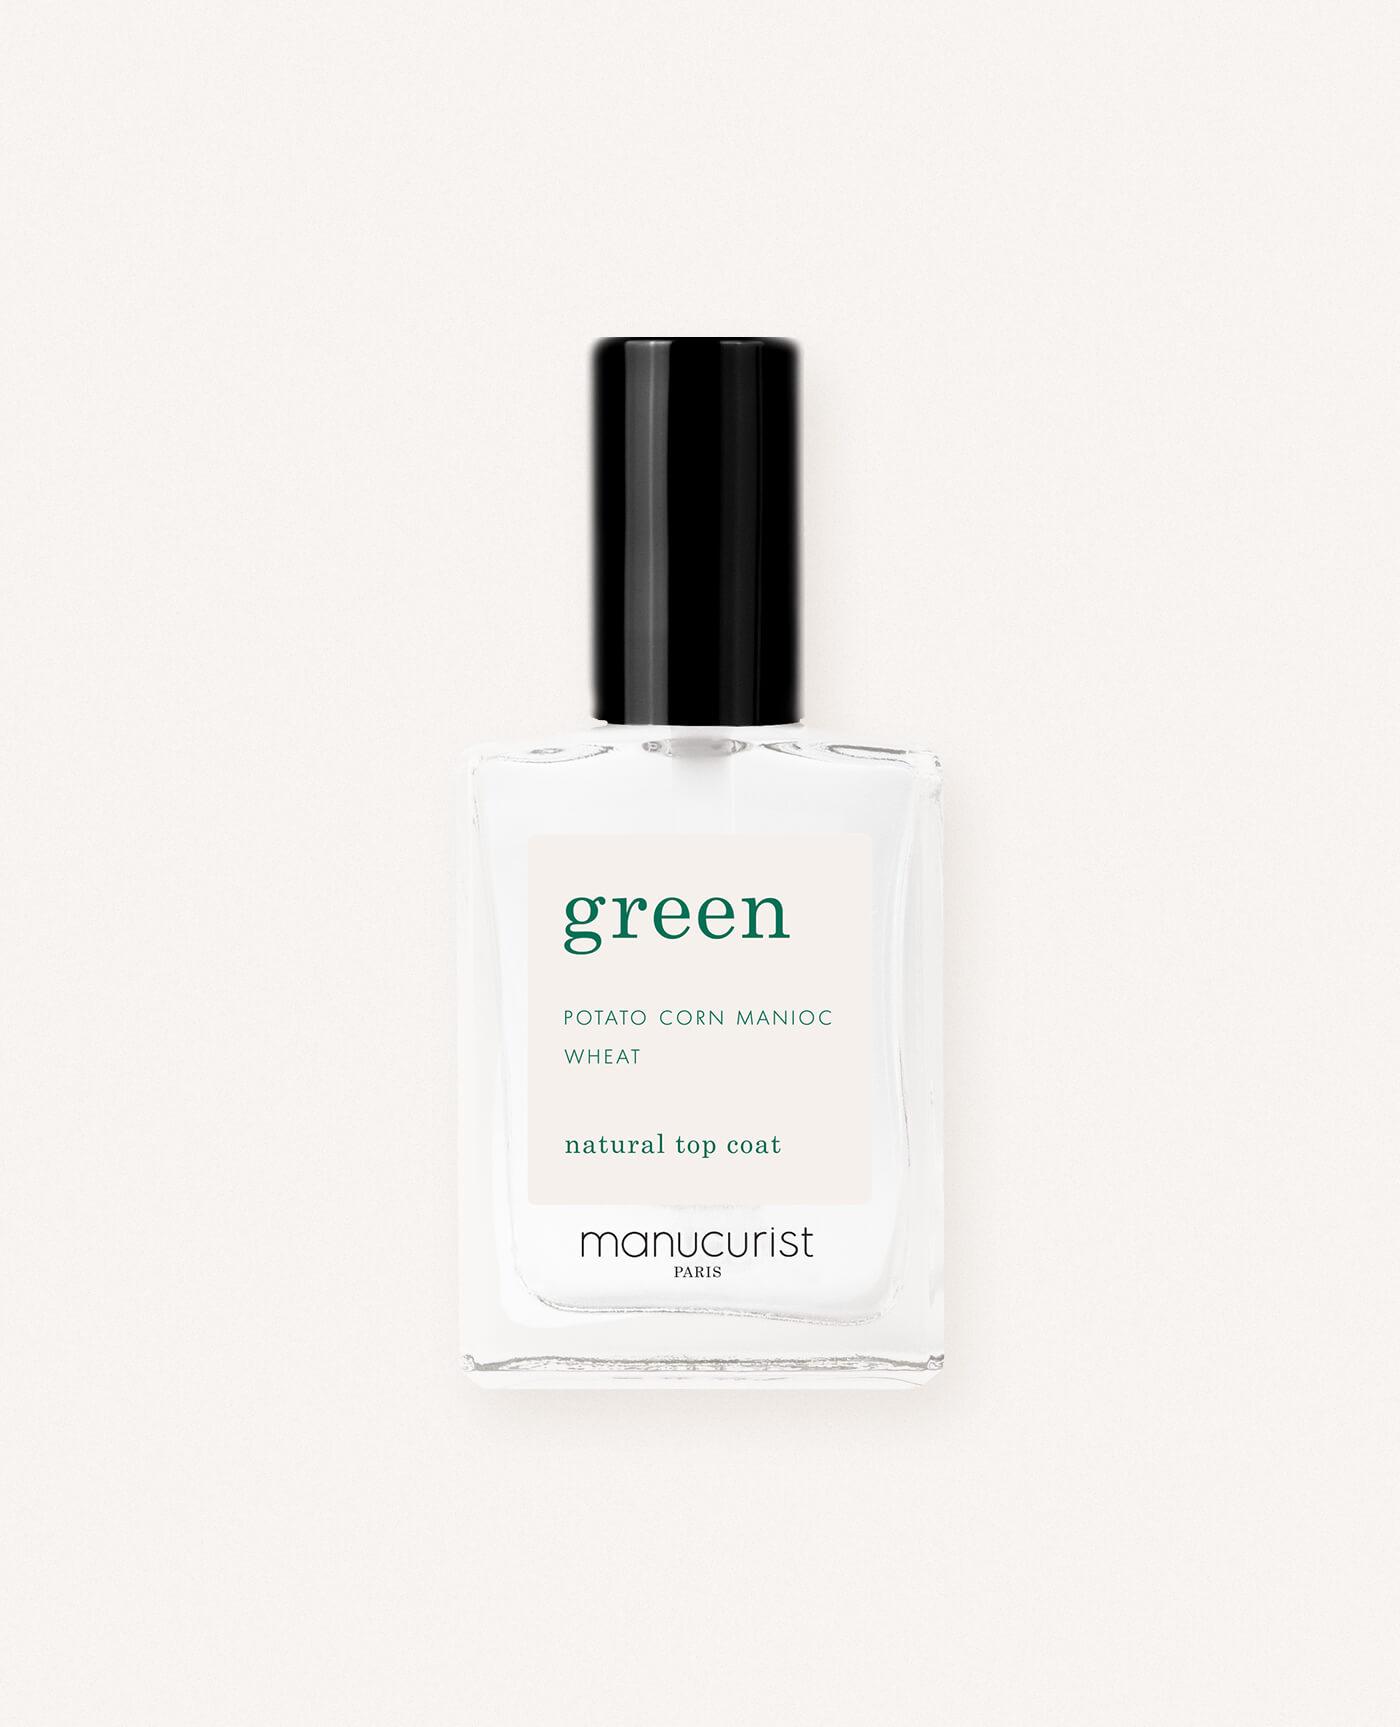 Top coat bio pour vernis green de la marque Manucurist made in france